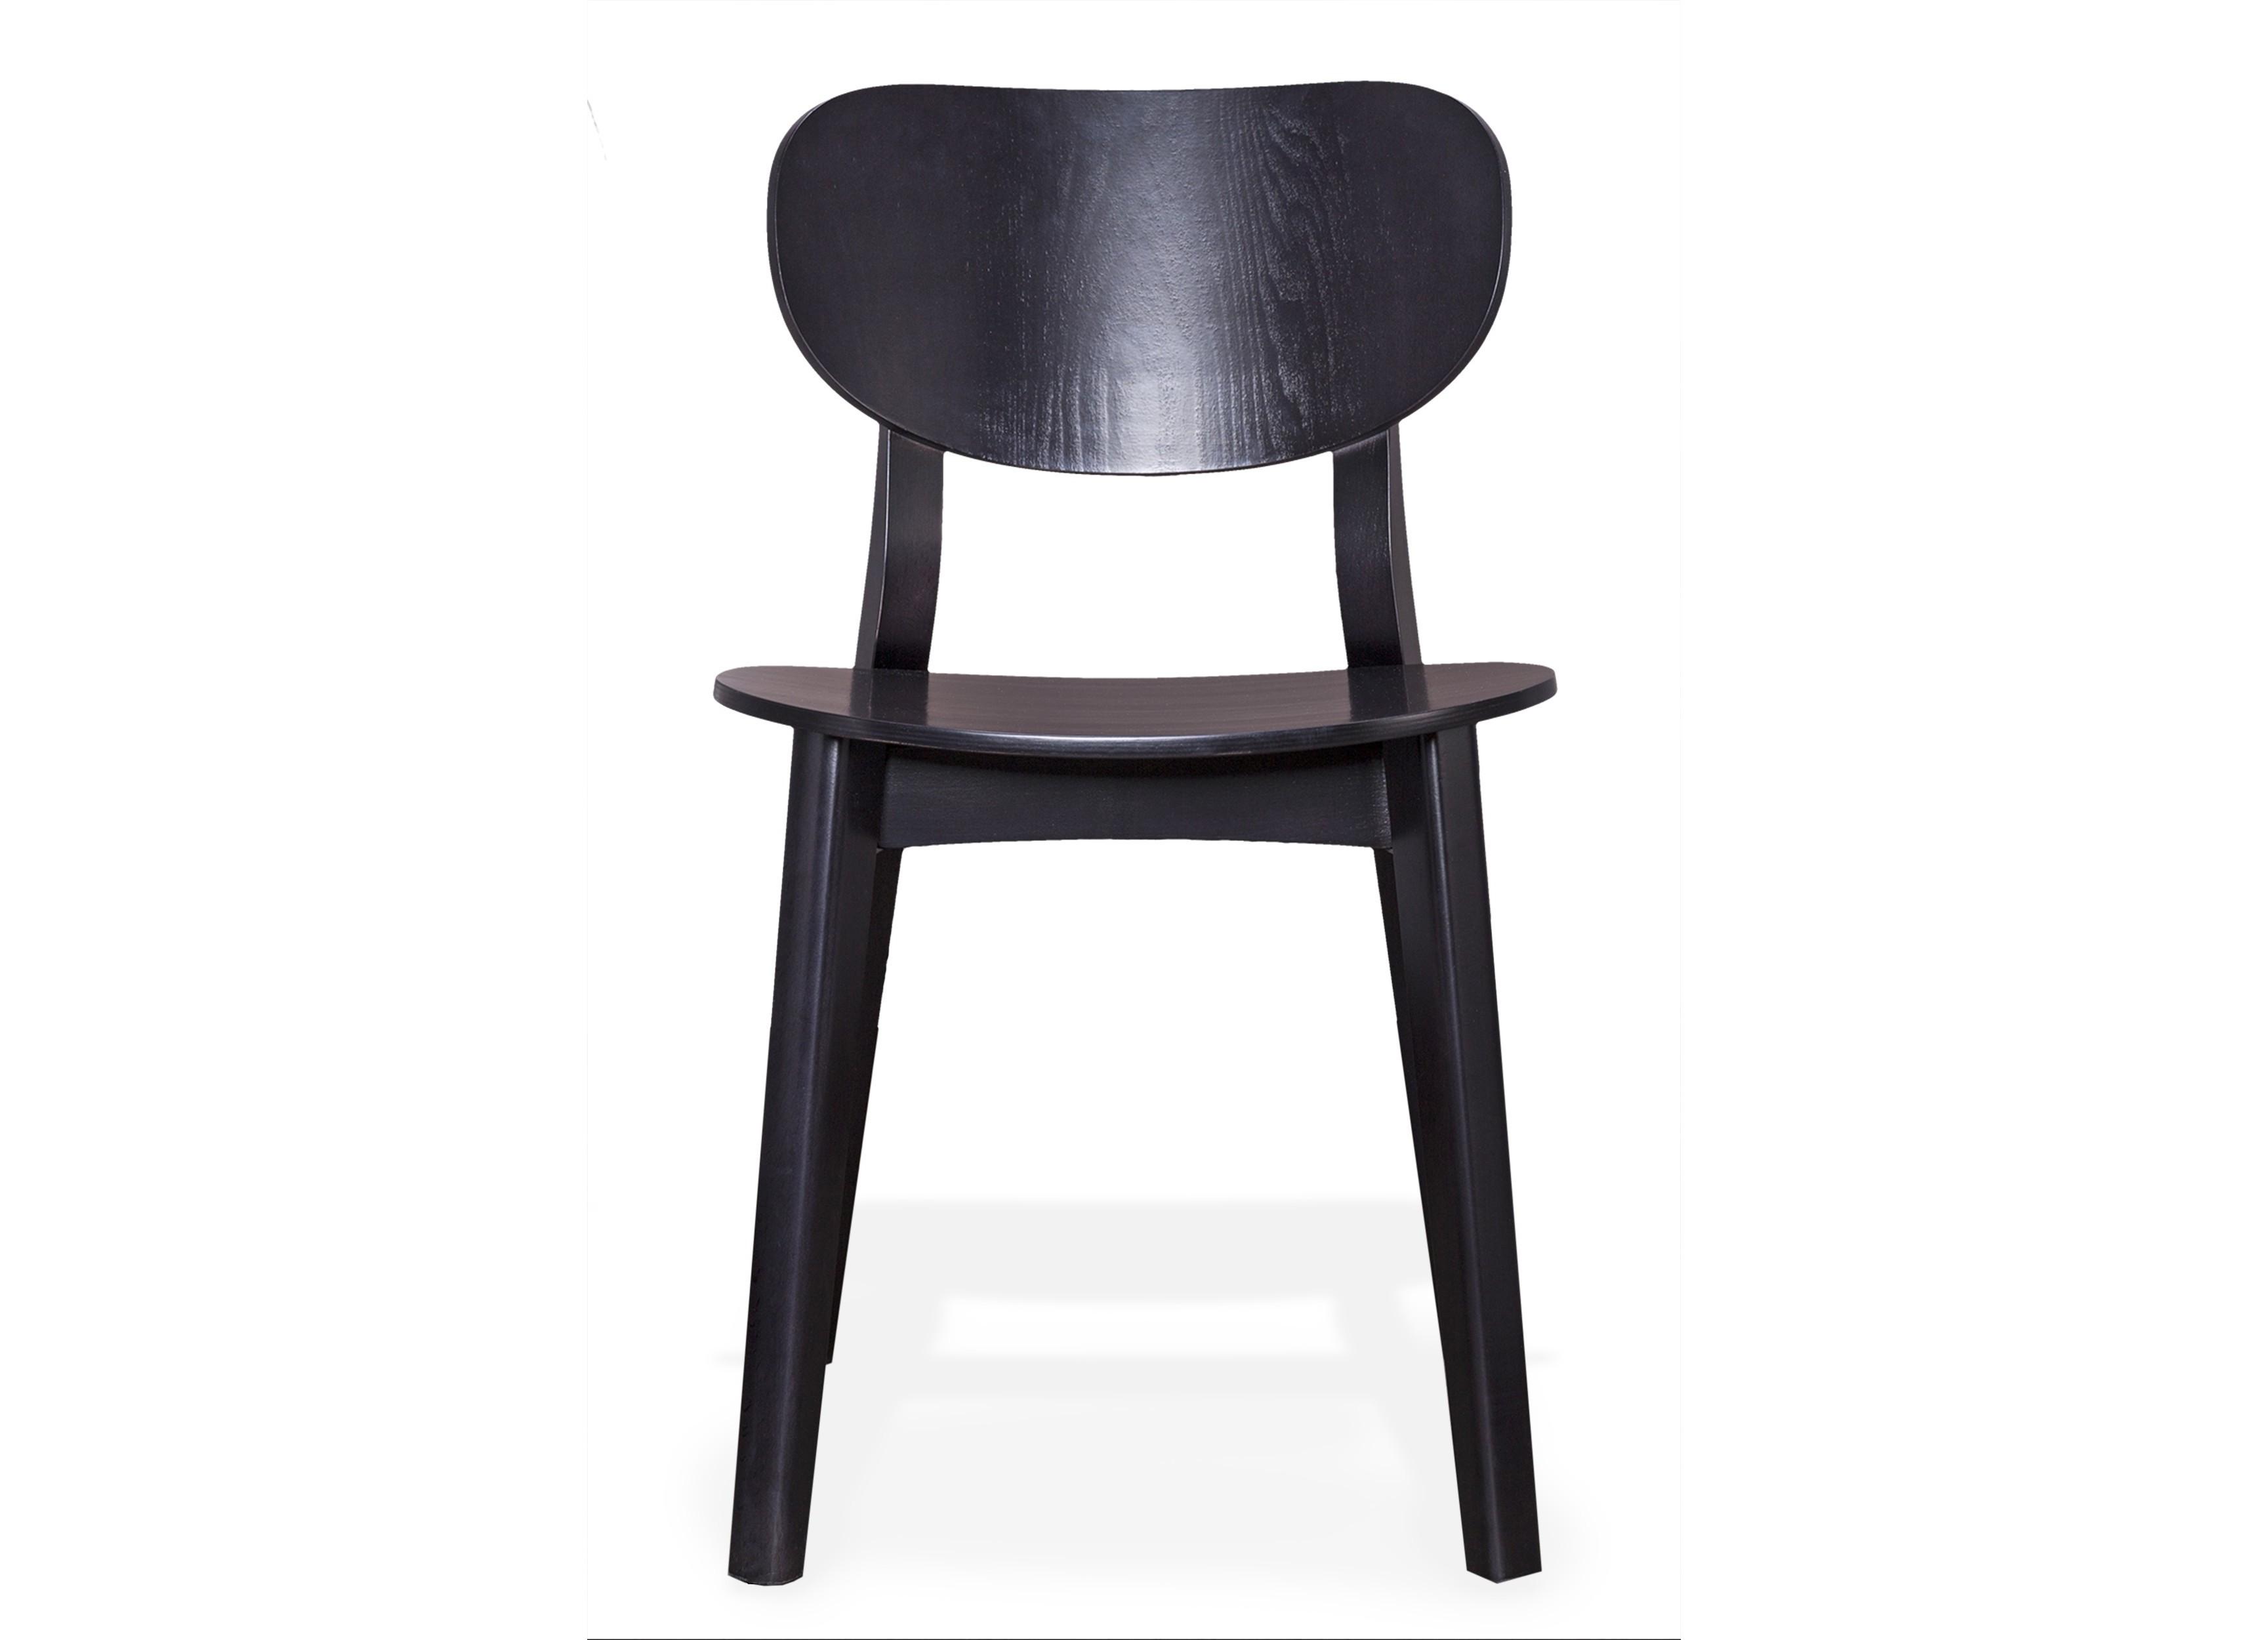 Стул XavierОбеденные стулья<br>&amp;lt;div&amp;gt;Этот стул подкупает своей универсальностью! Он будет идеально смотреться как дополнение к обеденному столу, так и станет акцентом для вашей творческой студии. Само воплощение скандинавской классики.&amp;lt;/div&amp;gt;&amp;lt;div&amp;gt;&amp;lt;br&amp;gt;&amp;lt;/div&amp;gt;&amp;lt;div&amp;gt;Высота сидения: 45 см.&amp;lt;br&amp;gt;&amp;lt;/div&amp;gt;<br><br>Material: Дерево<br>Ширина см: 46<br>Высота см: 79<br>Глубина см: 45